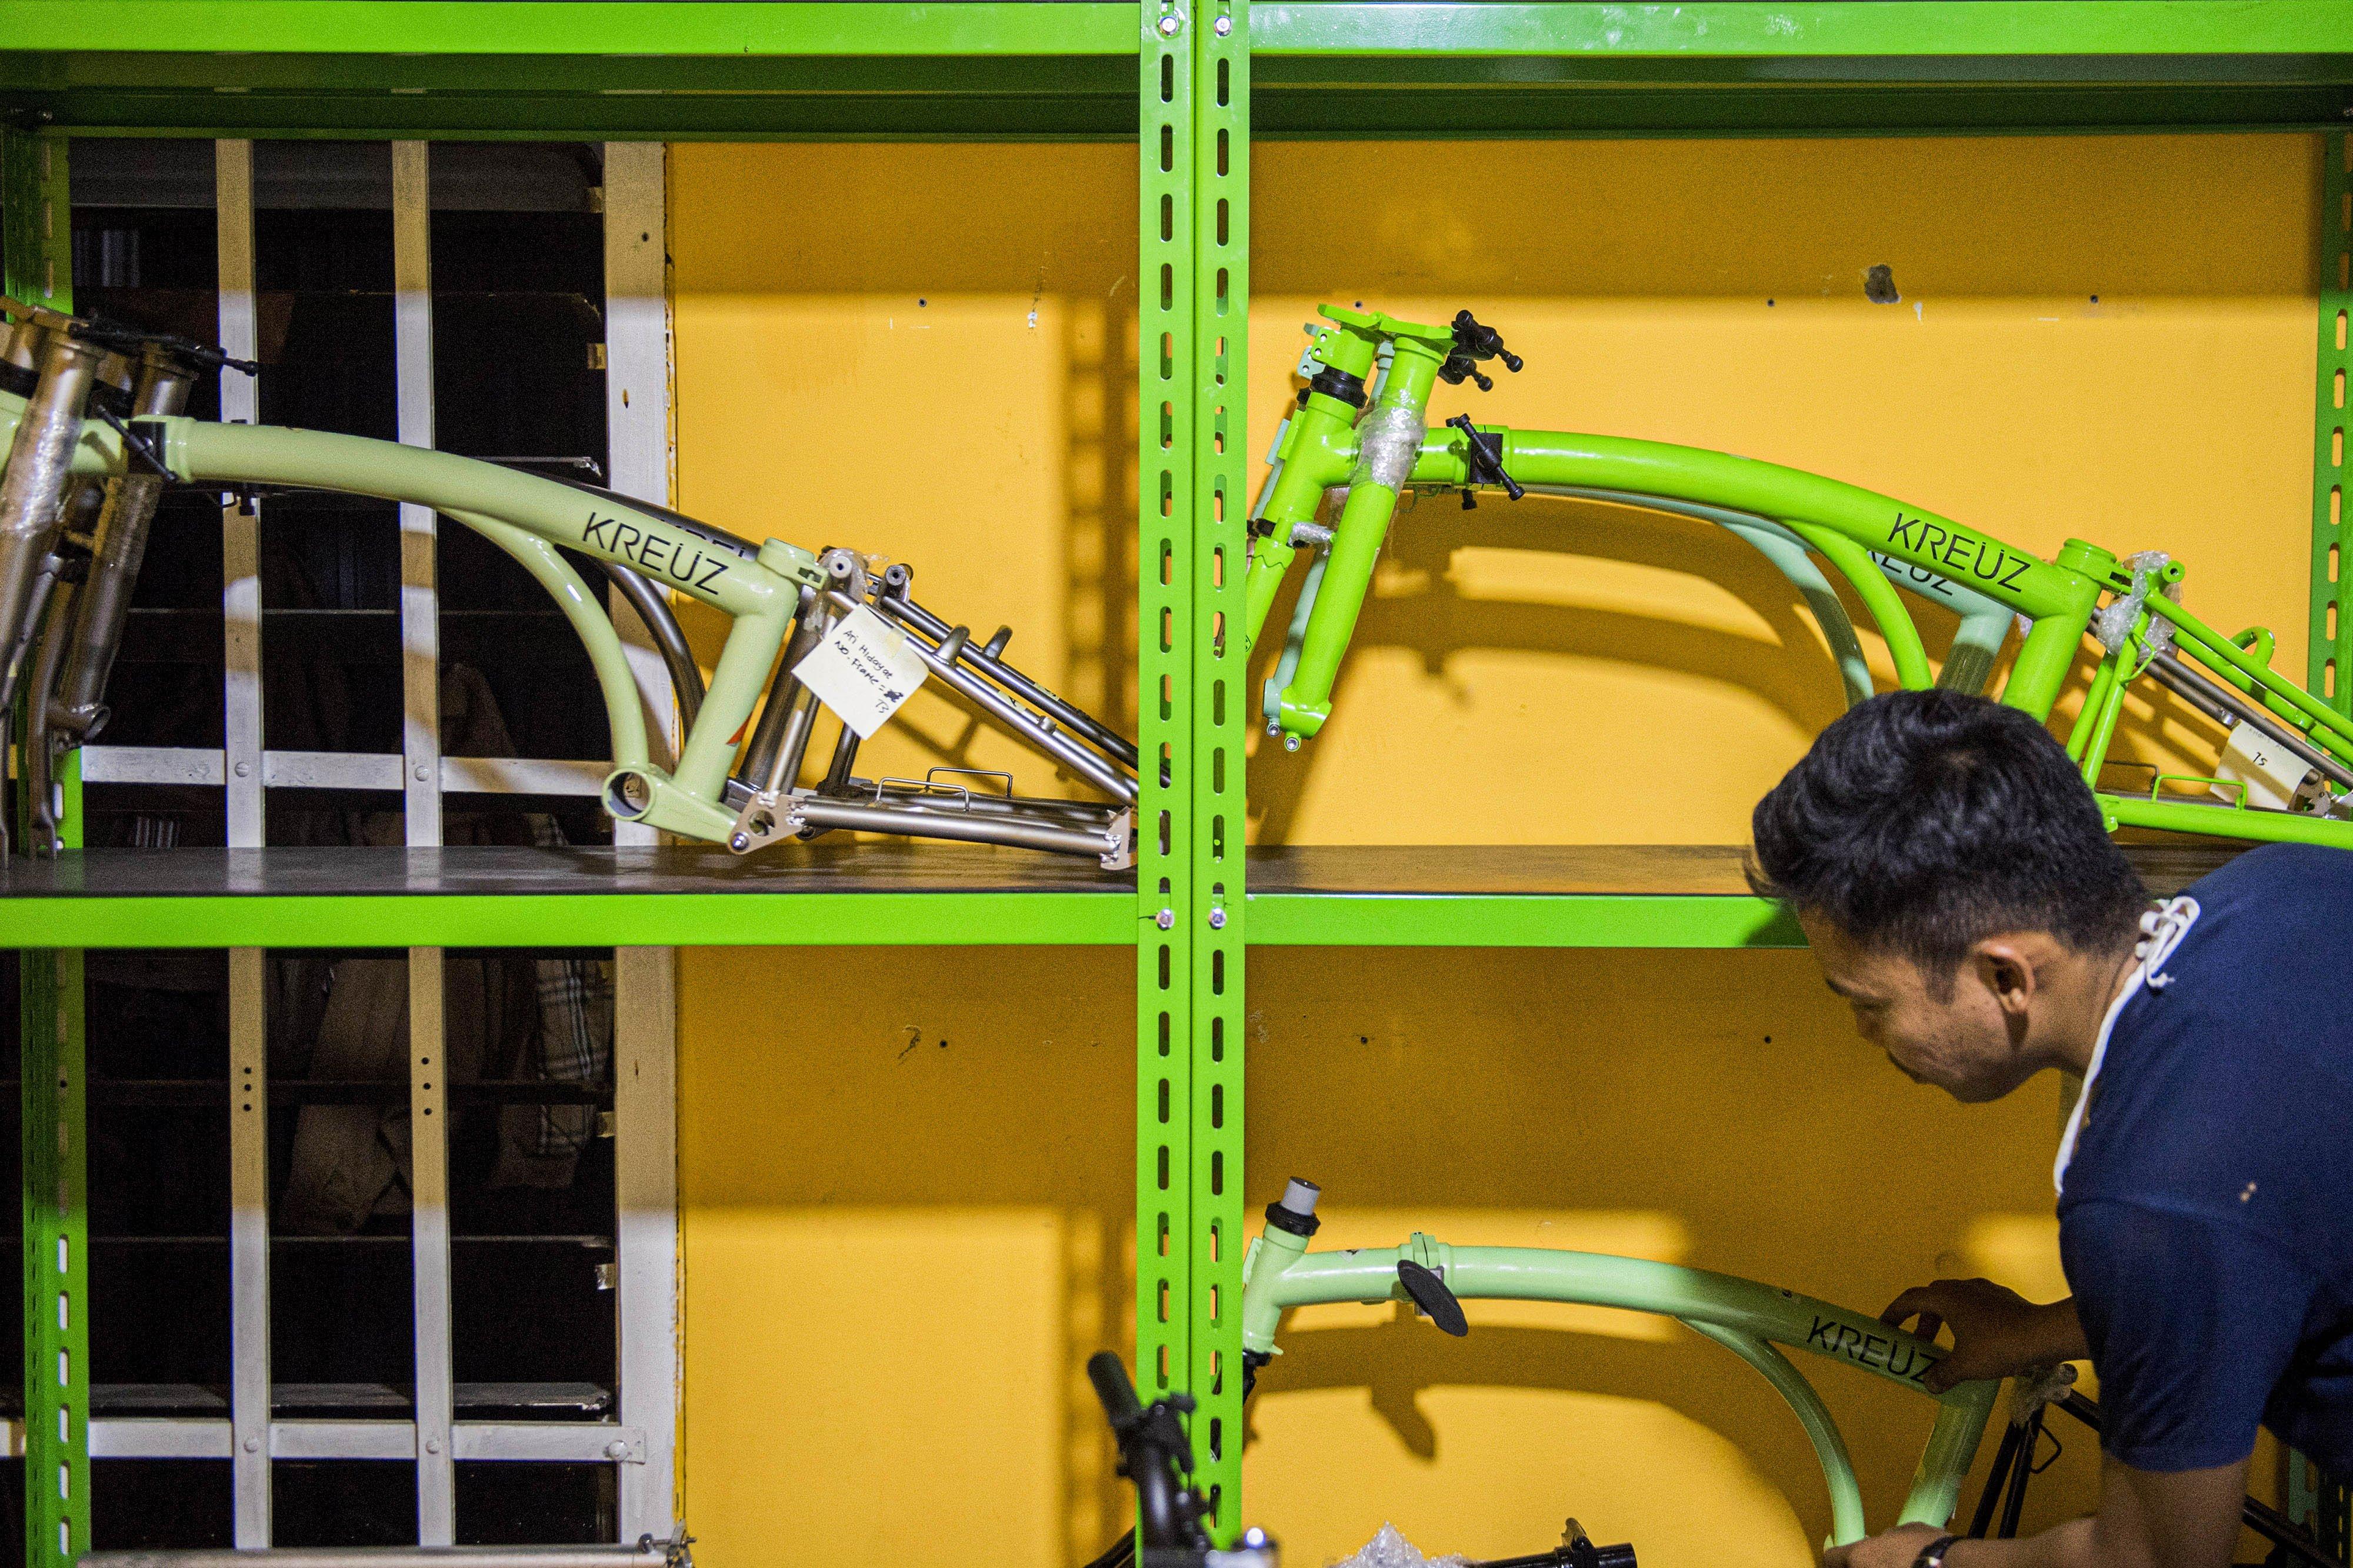 Pekerja menata rangka (main frame) sepeda lipat Kreuz seusai pengecatan di Bandung, Jawa Barat, Jumat (20/11/2020).